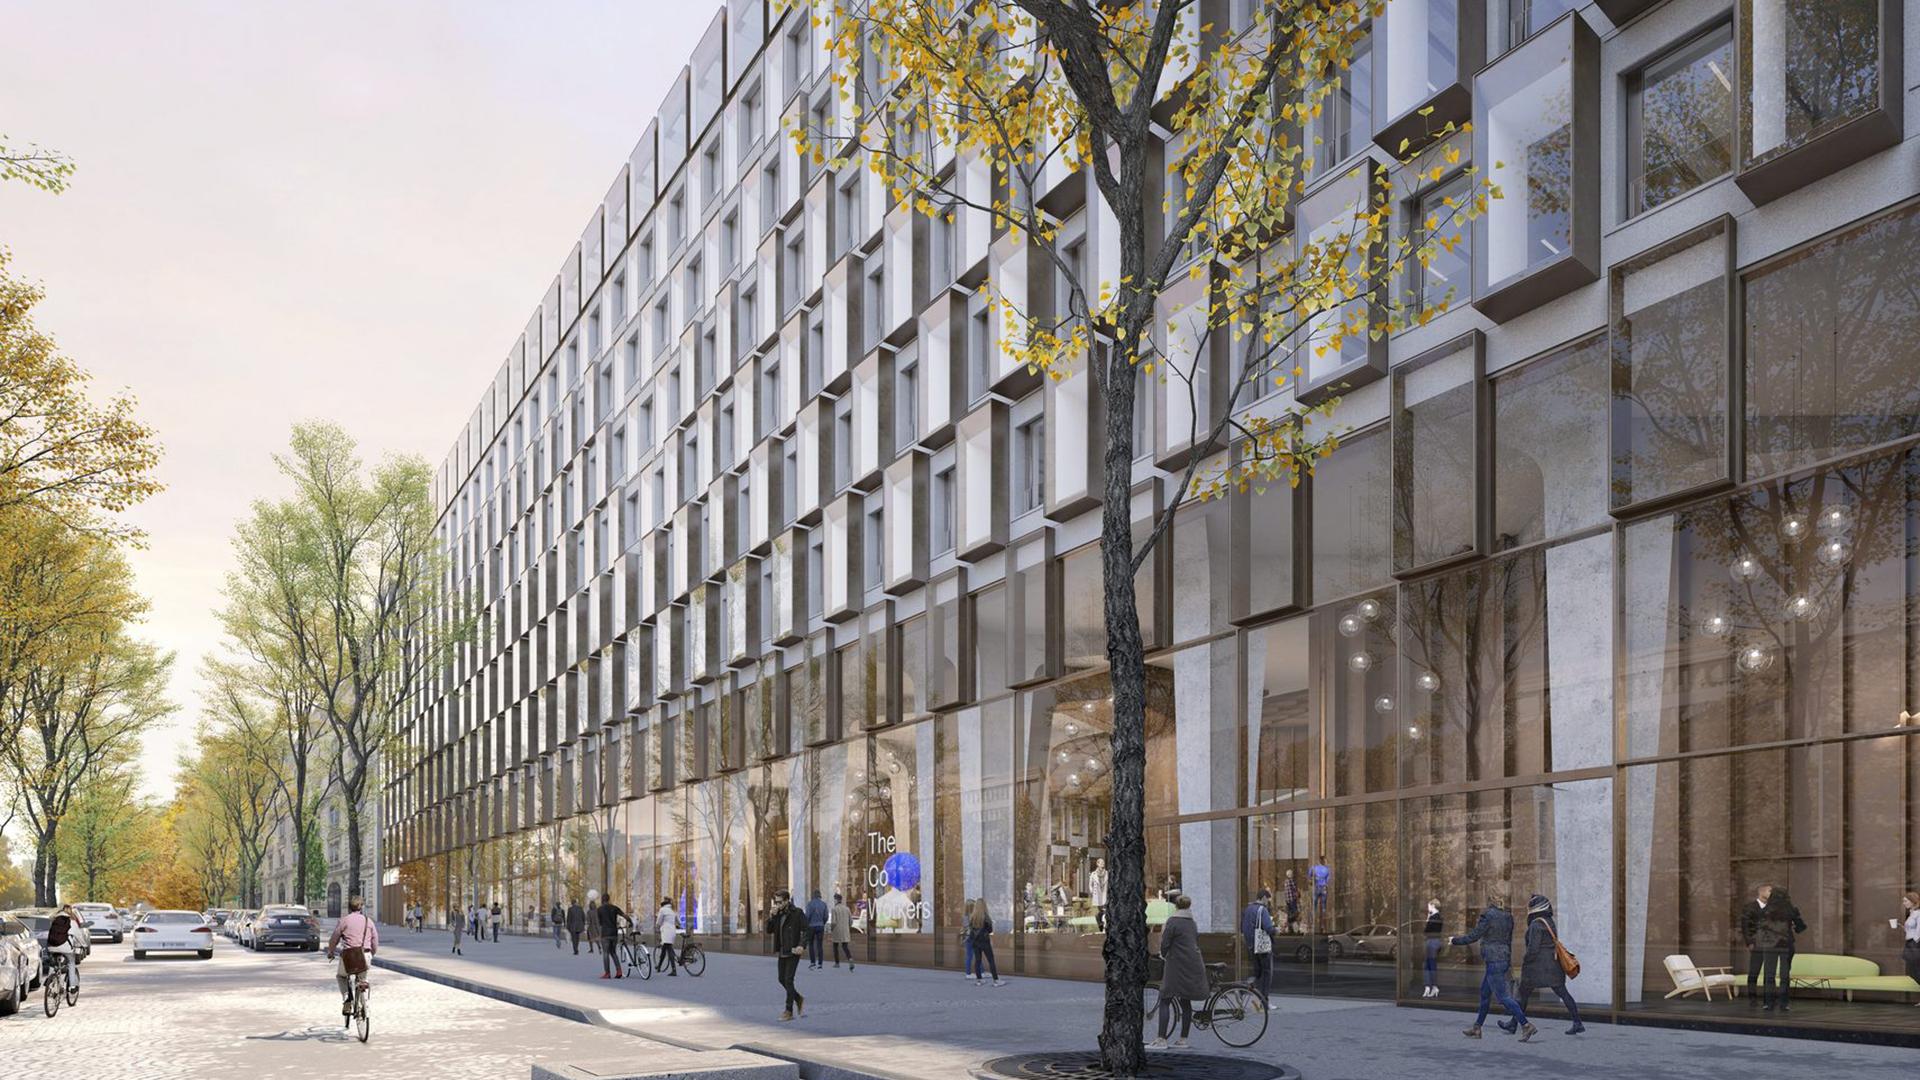 Nouvelle commande majeure pour Vigians qui équipera le bâtiment L1VE pour près d'1,5 million d'euros.